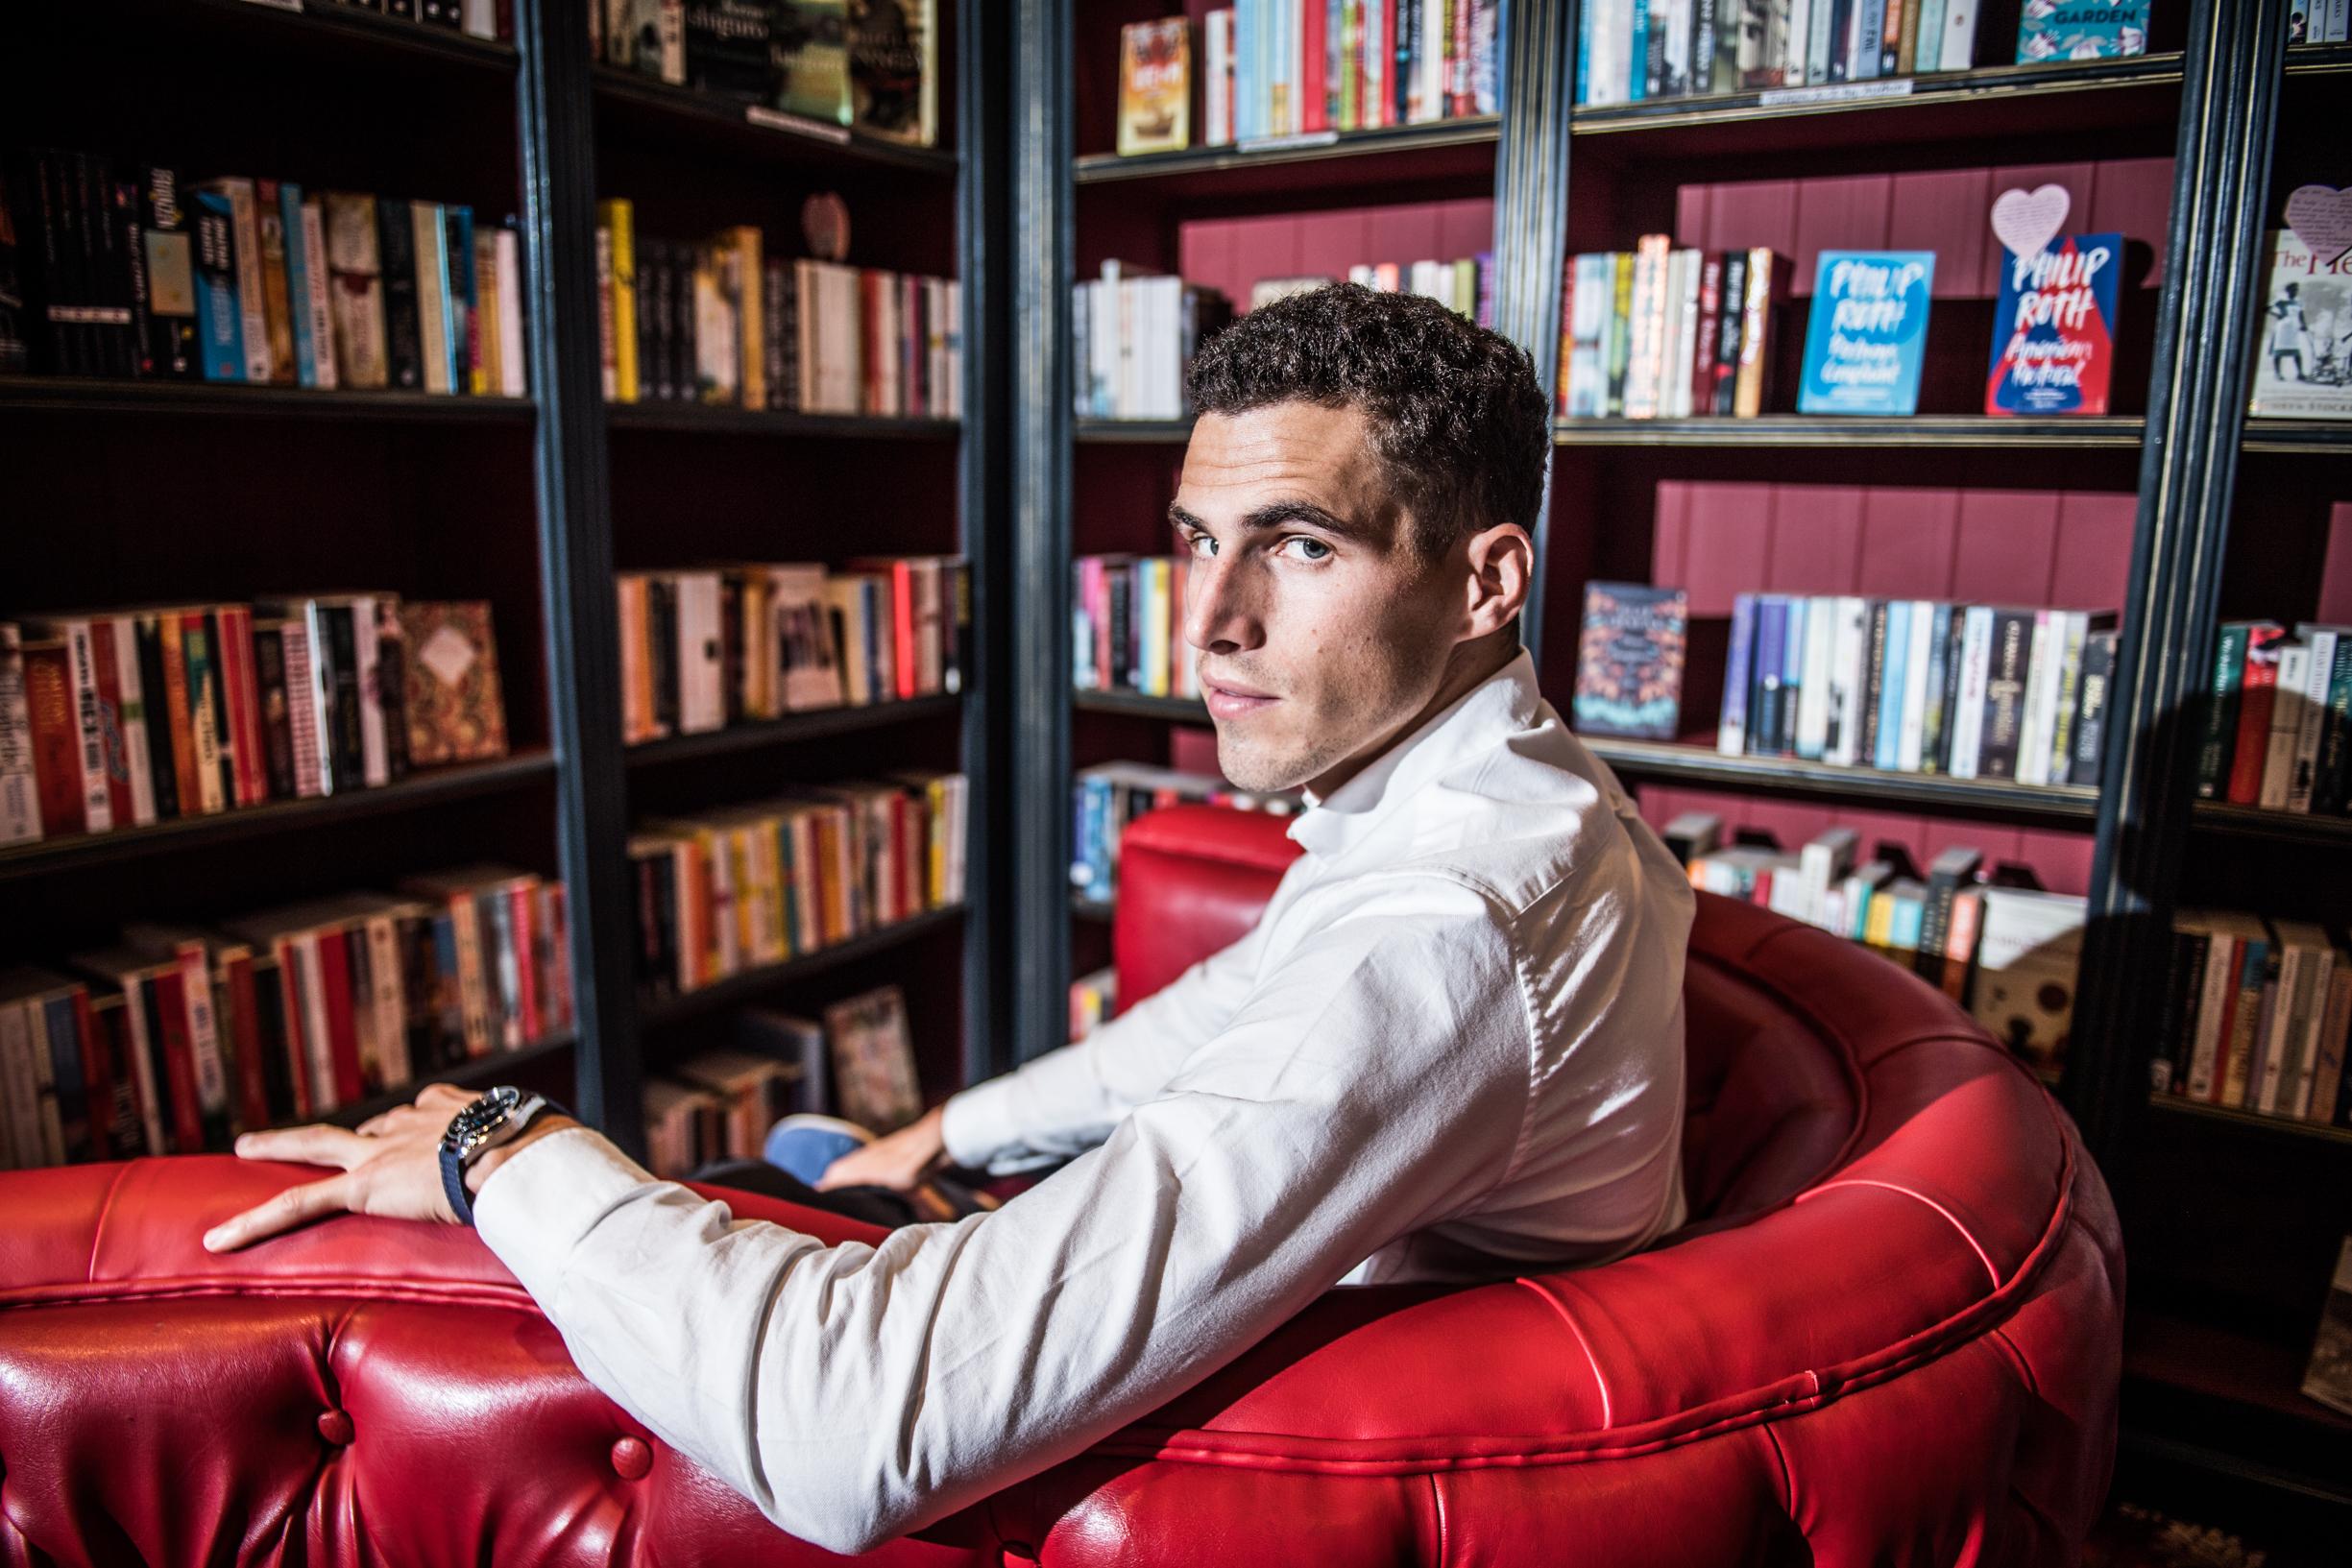 BRUXELLES, Athletisme Portrait Kevin Borlee.GOLINVAUX MATHIEU./LESOIR